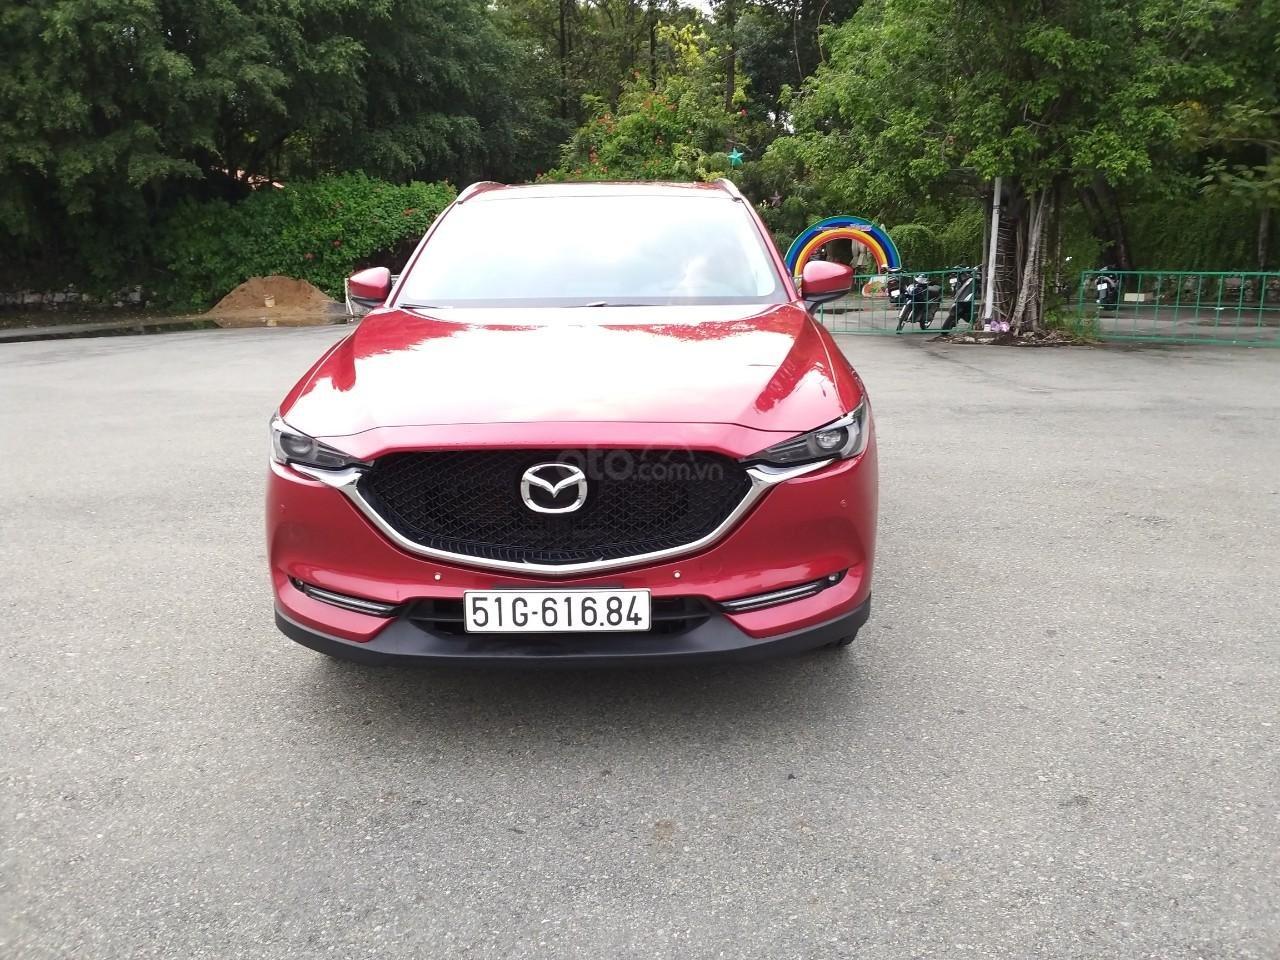 Mazda CX5 2019, xe nhà trùm mền, đỏ siêu sang, siêu mới, mới 99,99% như xe thùng mới xuất hãng, mua tiết kiệm được 150tr (9)